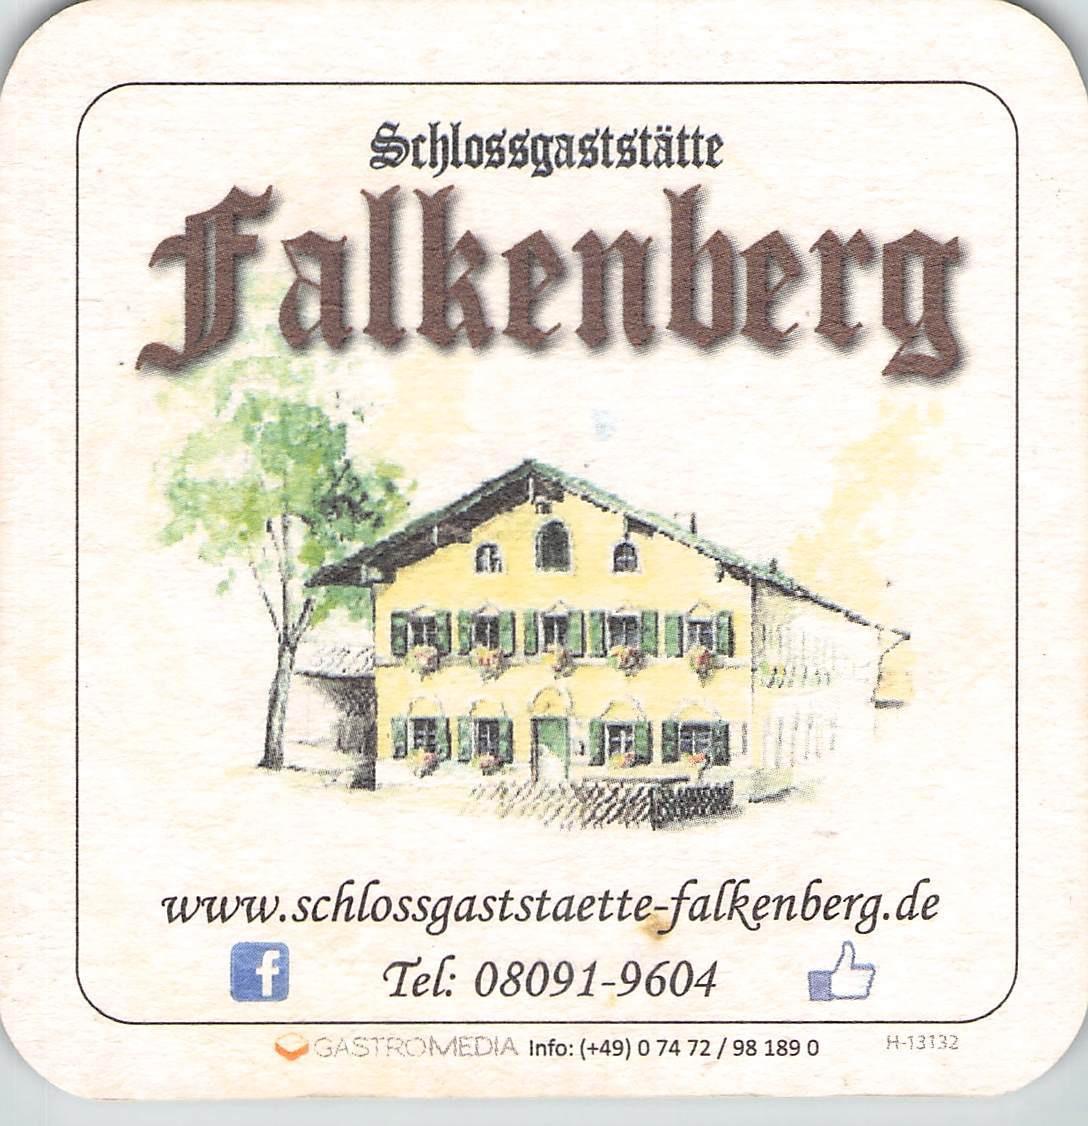 Falkenberg Biergarten